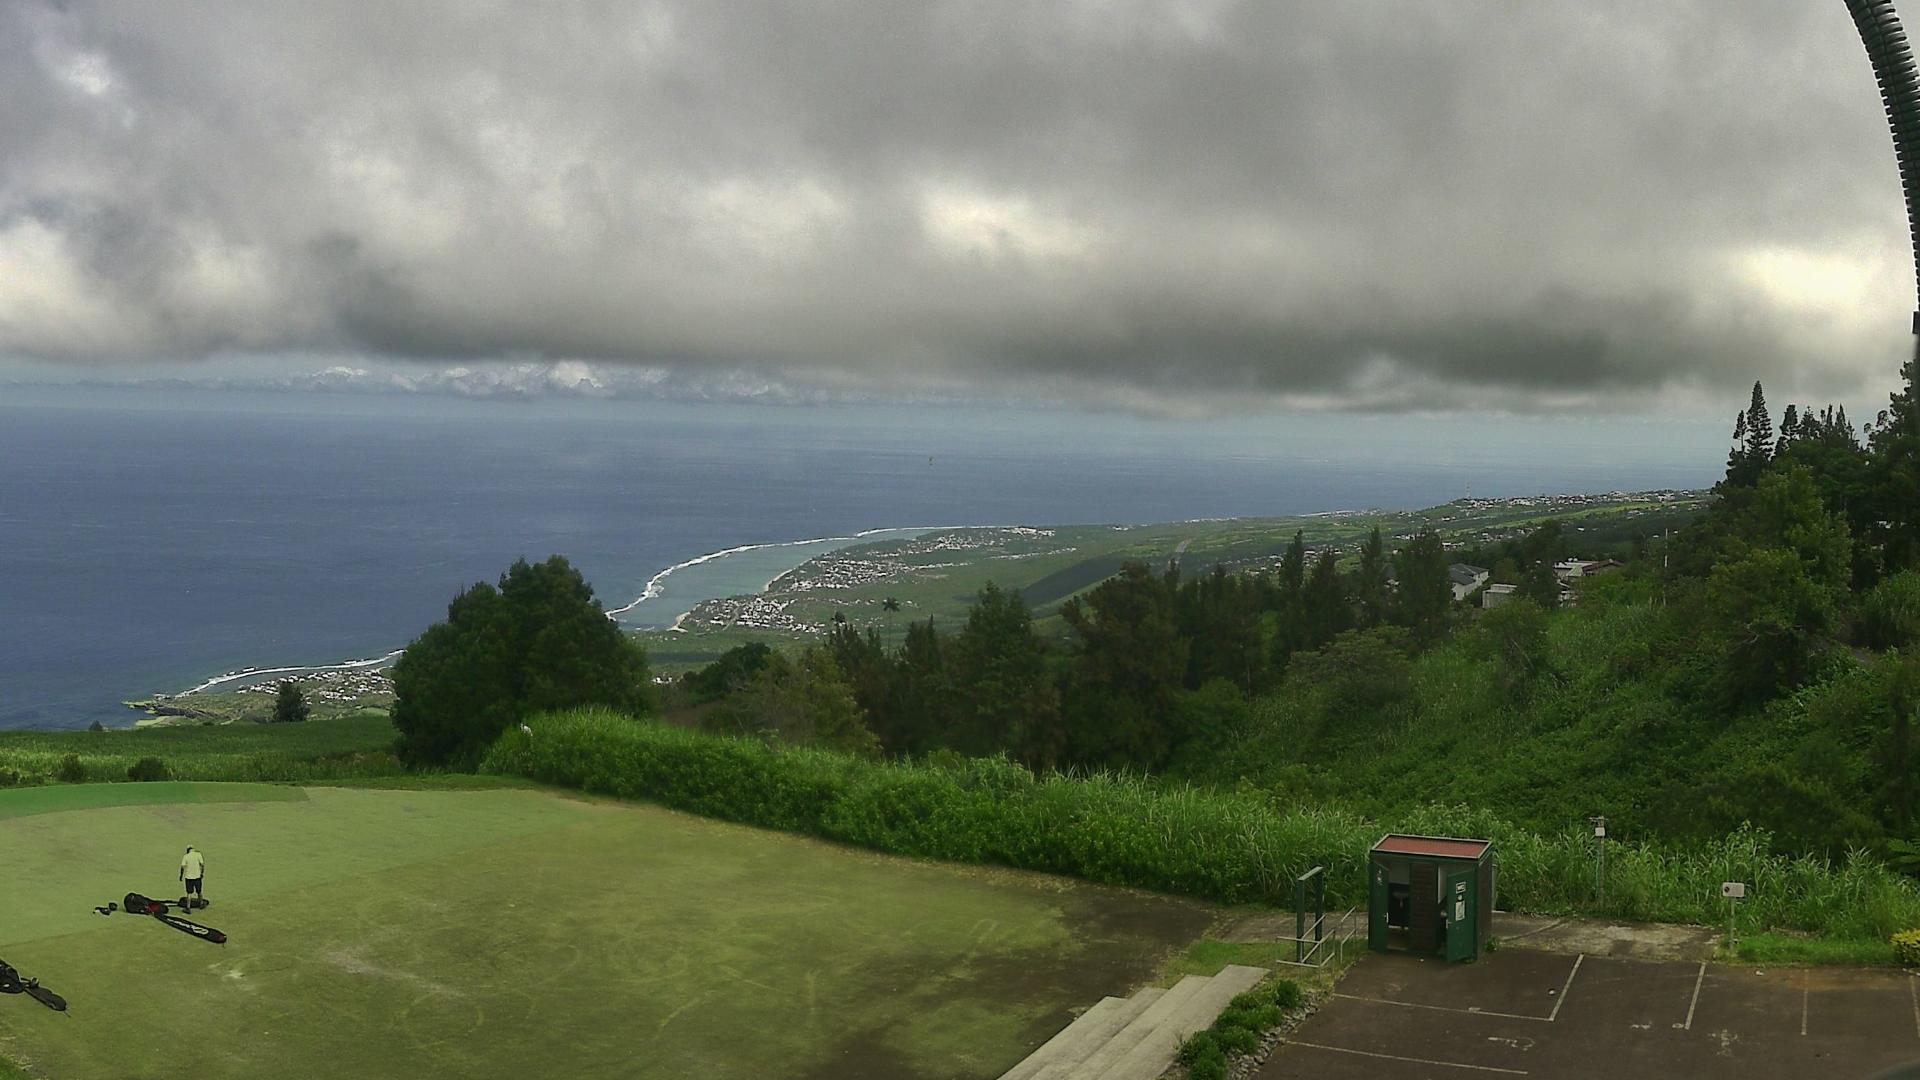 Webcam des Colimaçons à 800m d'altitude. Vue sur les plages de la Saline et de l'Ermitage à 11heures. http://www.meteo-reunion.com/